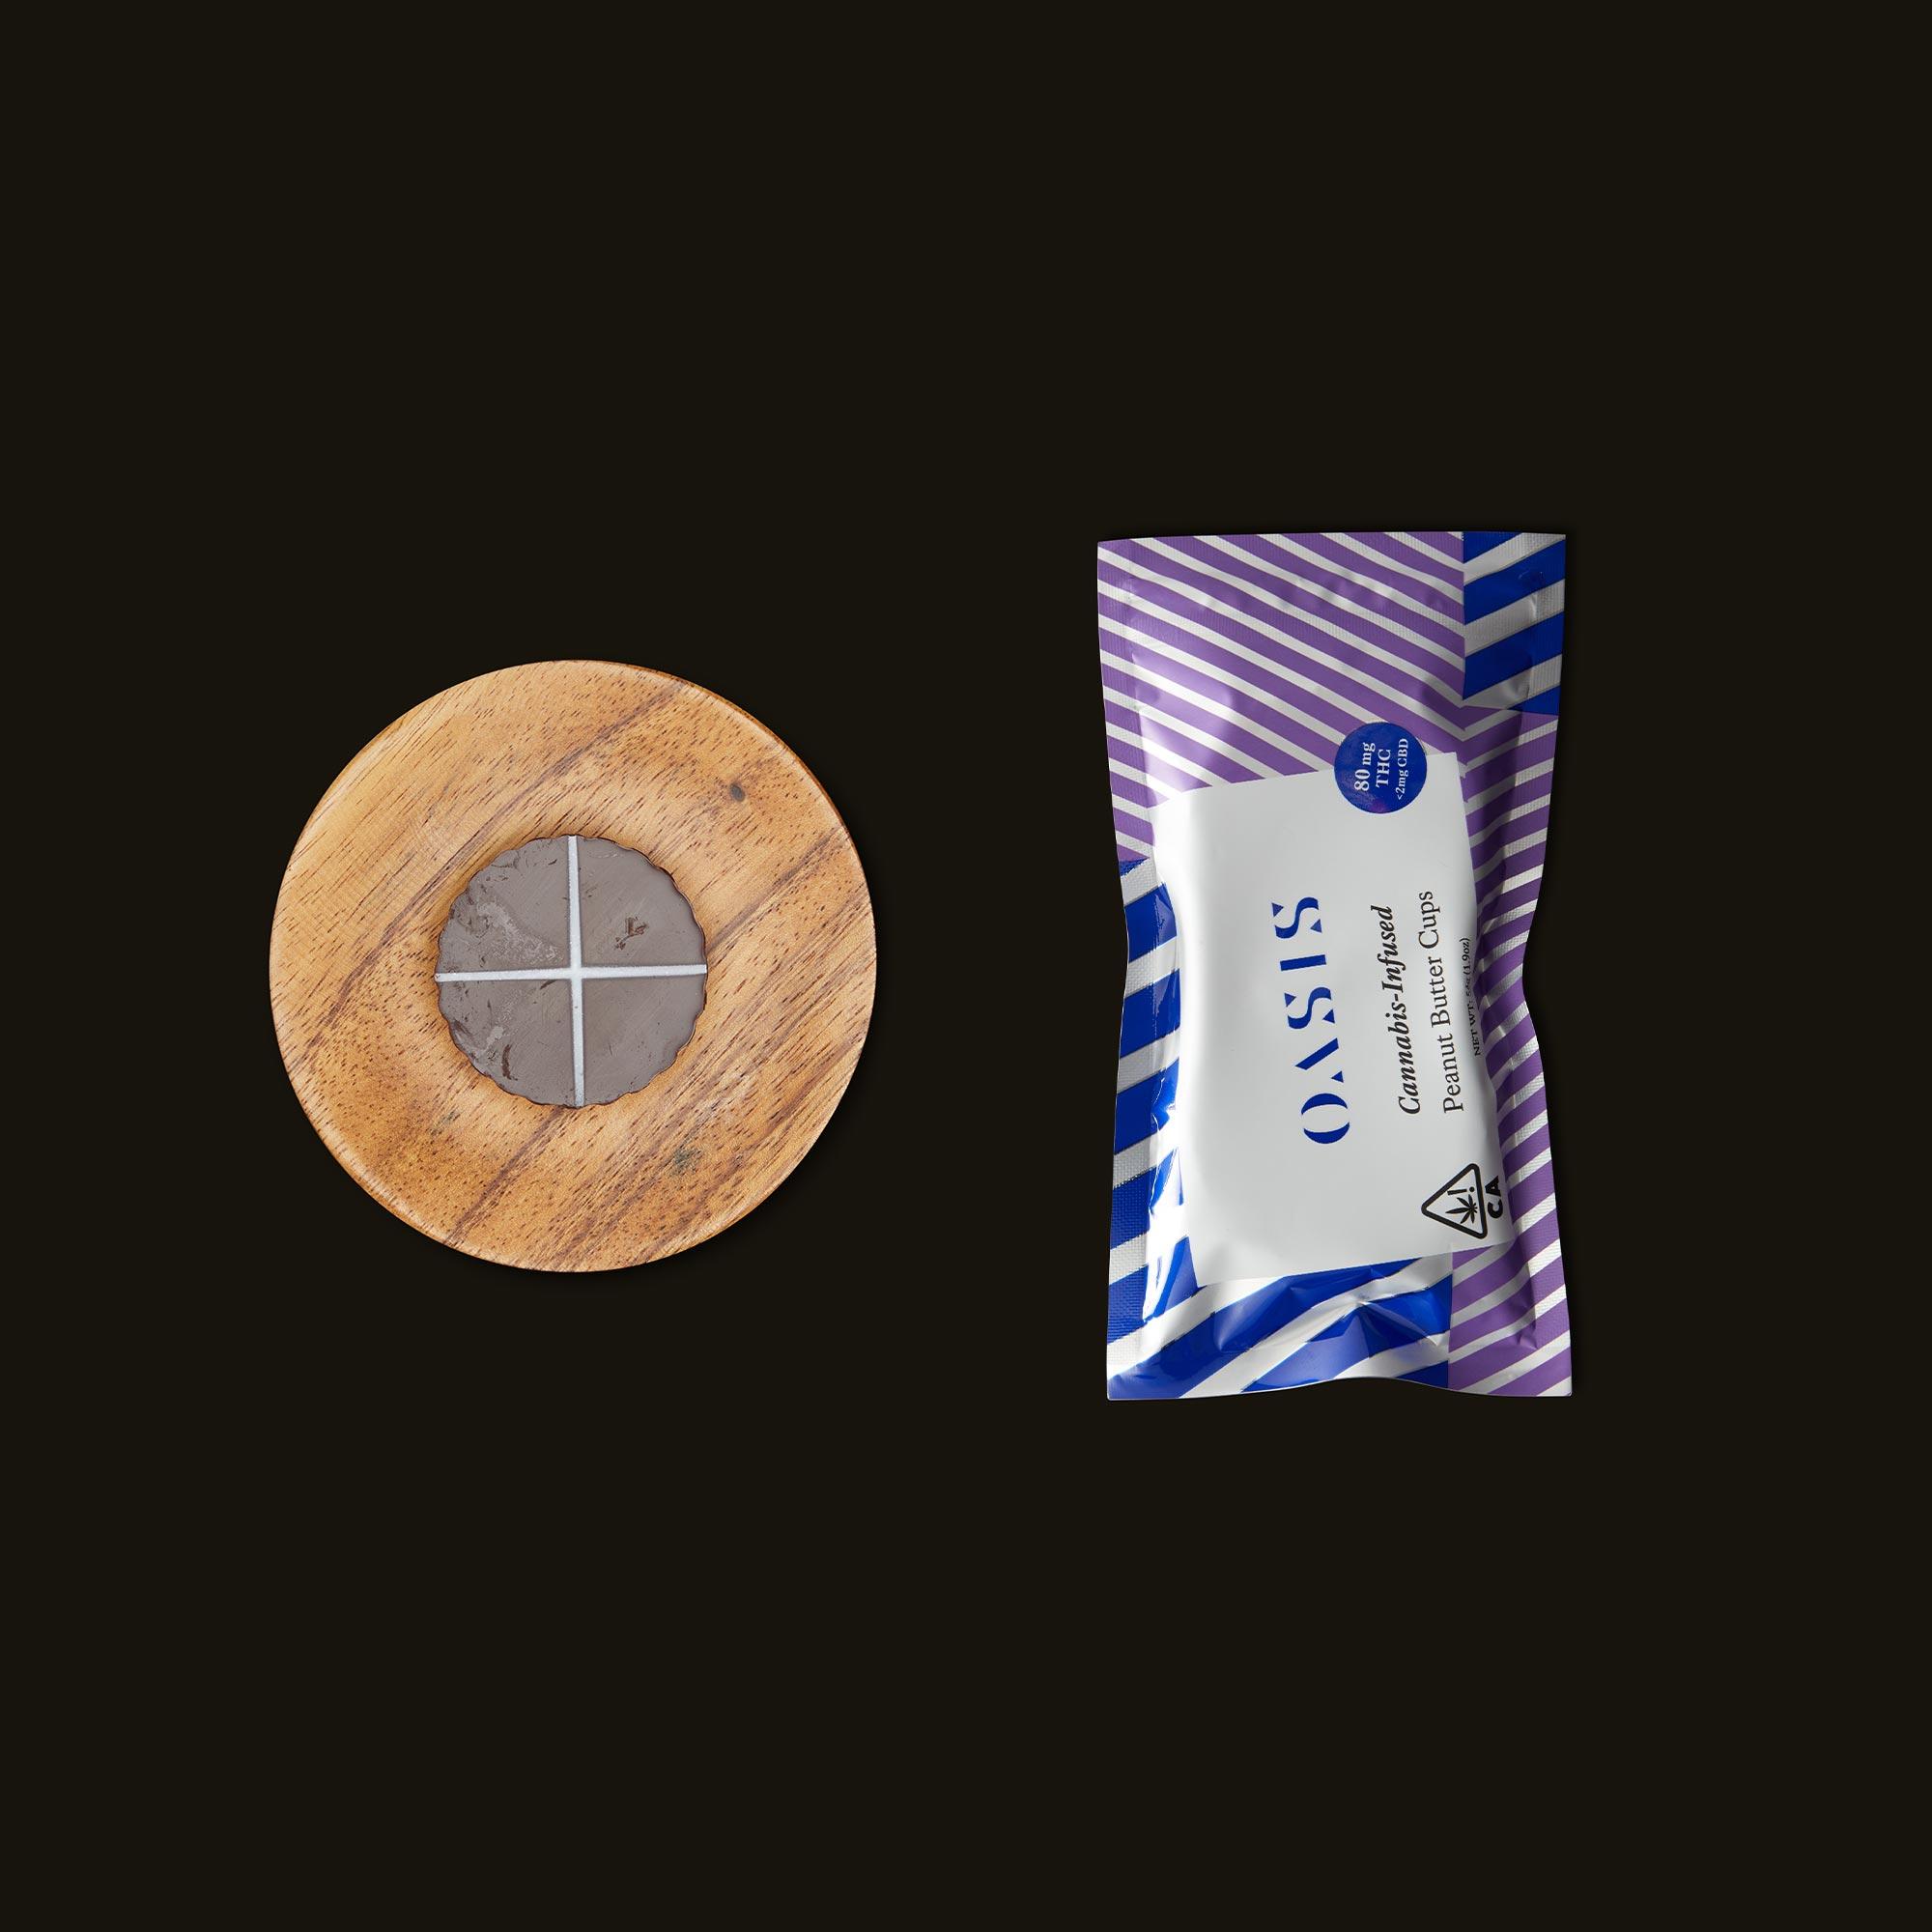 Oasis Peanut Butter Cups